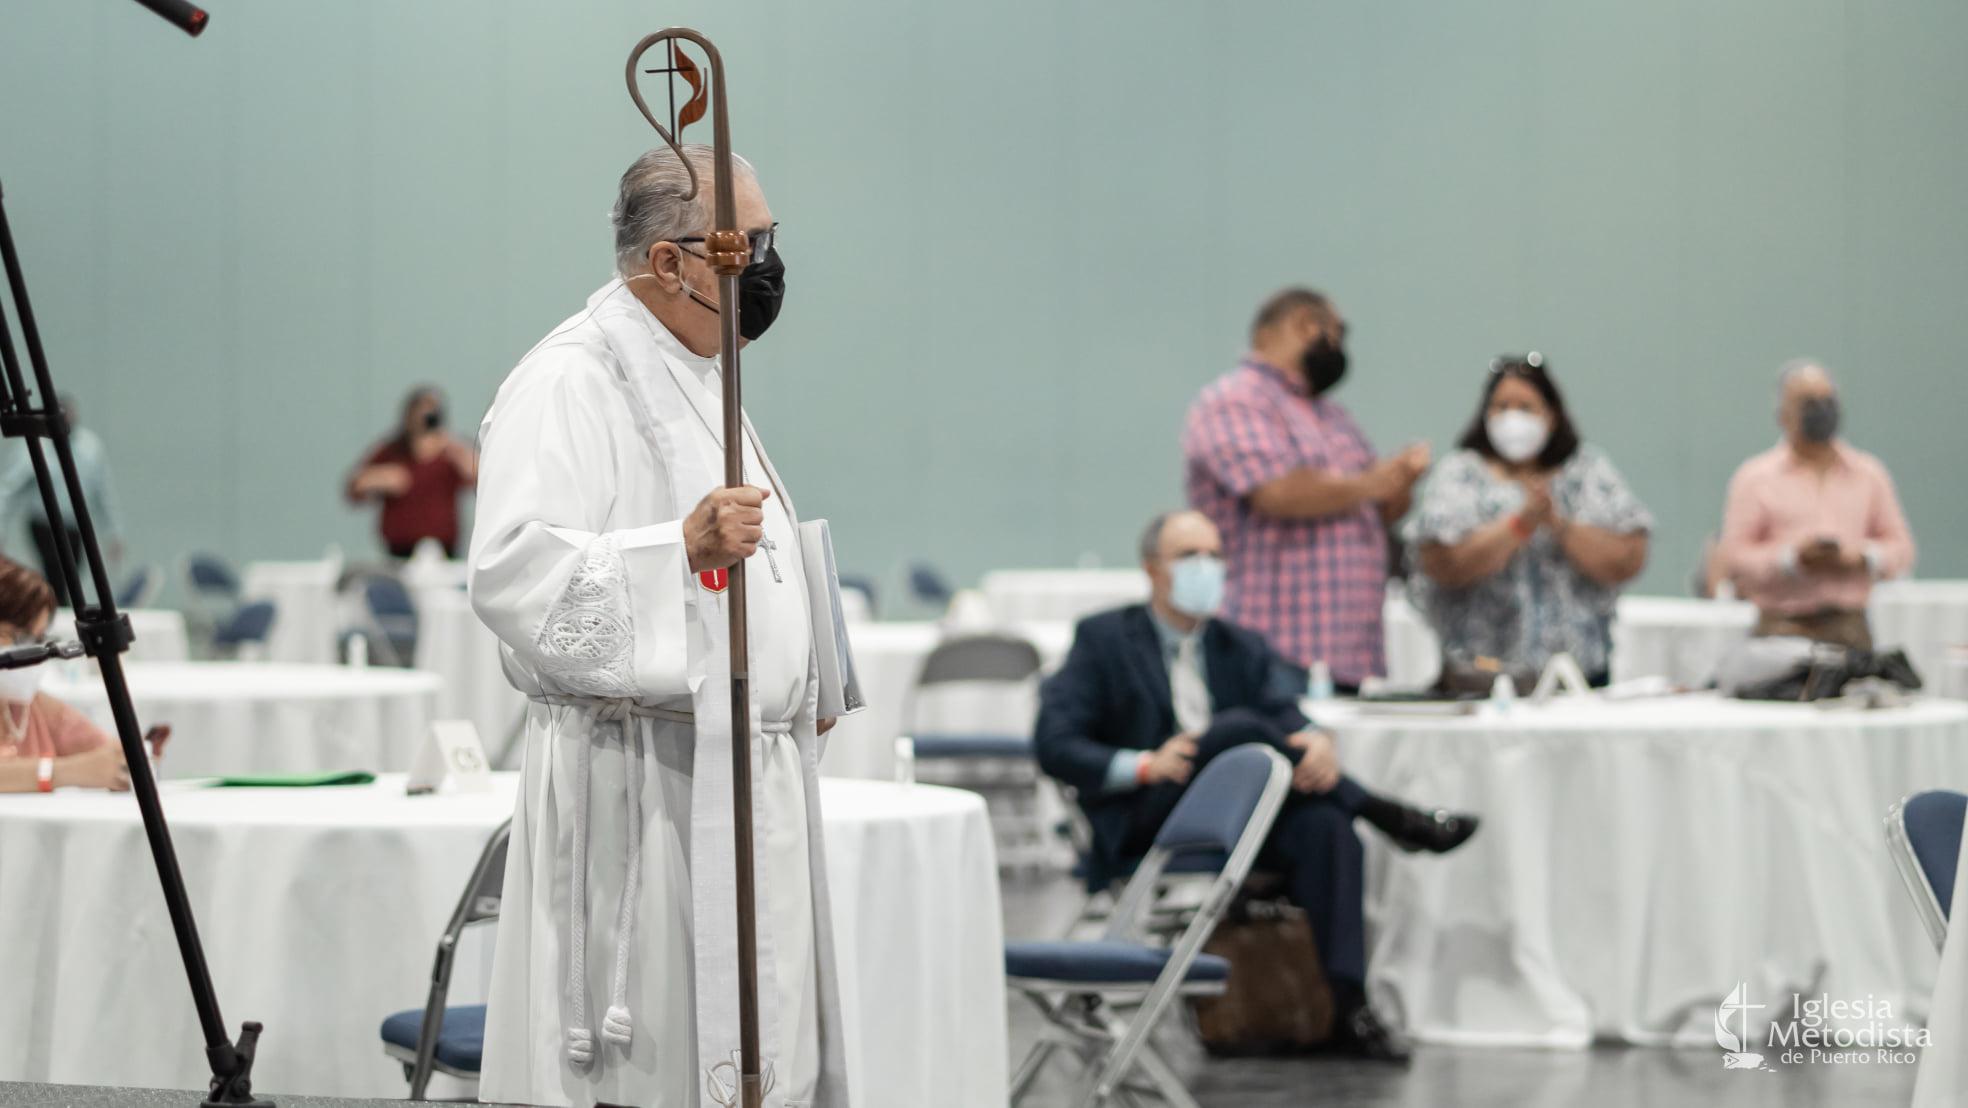 """El Obispo Héctor F. Ortiz Vidal hizo un llamado a la iglesia a desarrollar """"una nueva iniciativa evangelizadora:, durante su homilía en el culto de clausura. Foto Iglesia Metodista de Puerto Rico."""